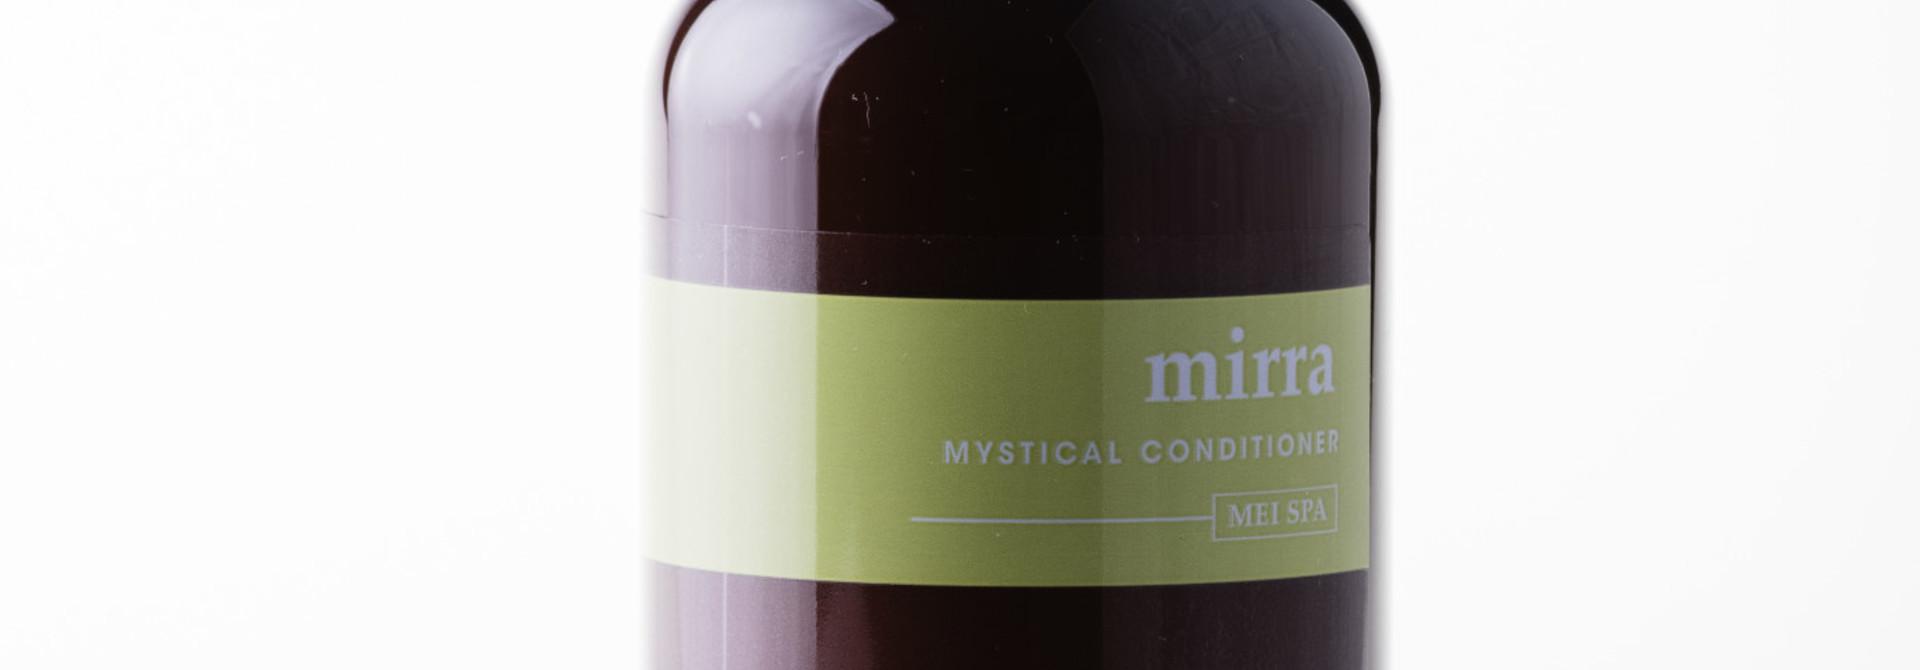 Mirra Mystical Conditioner